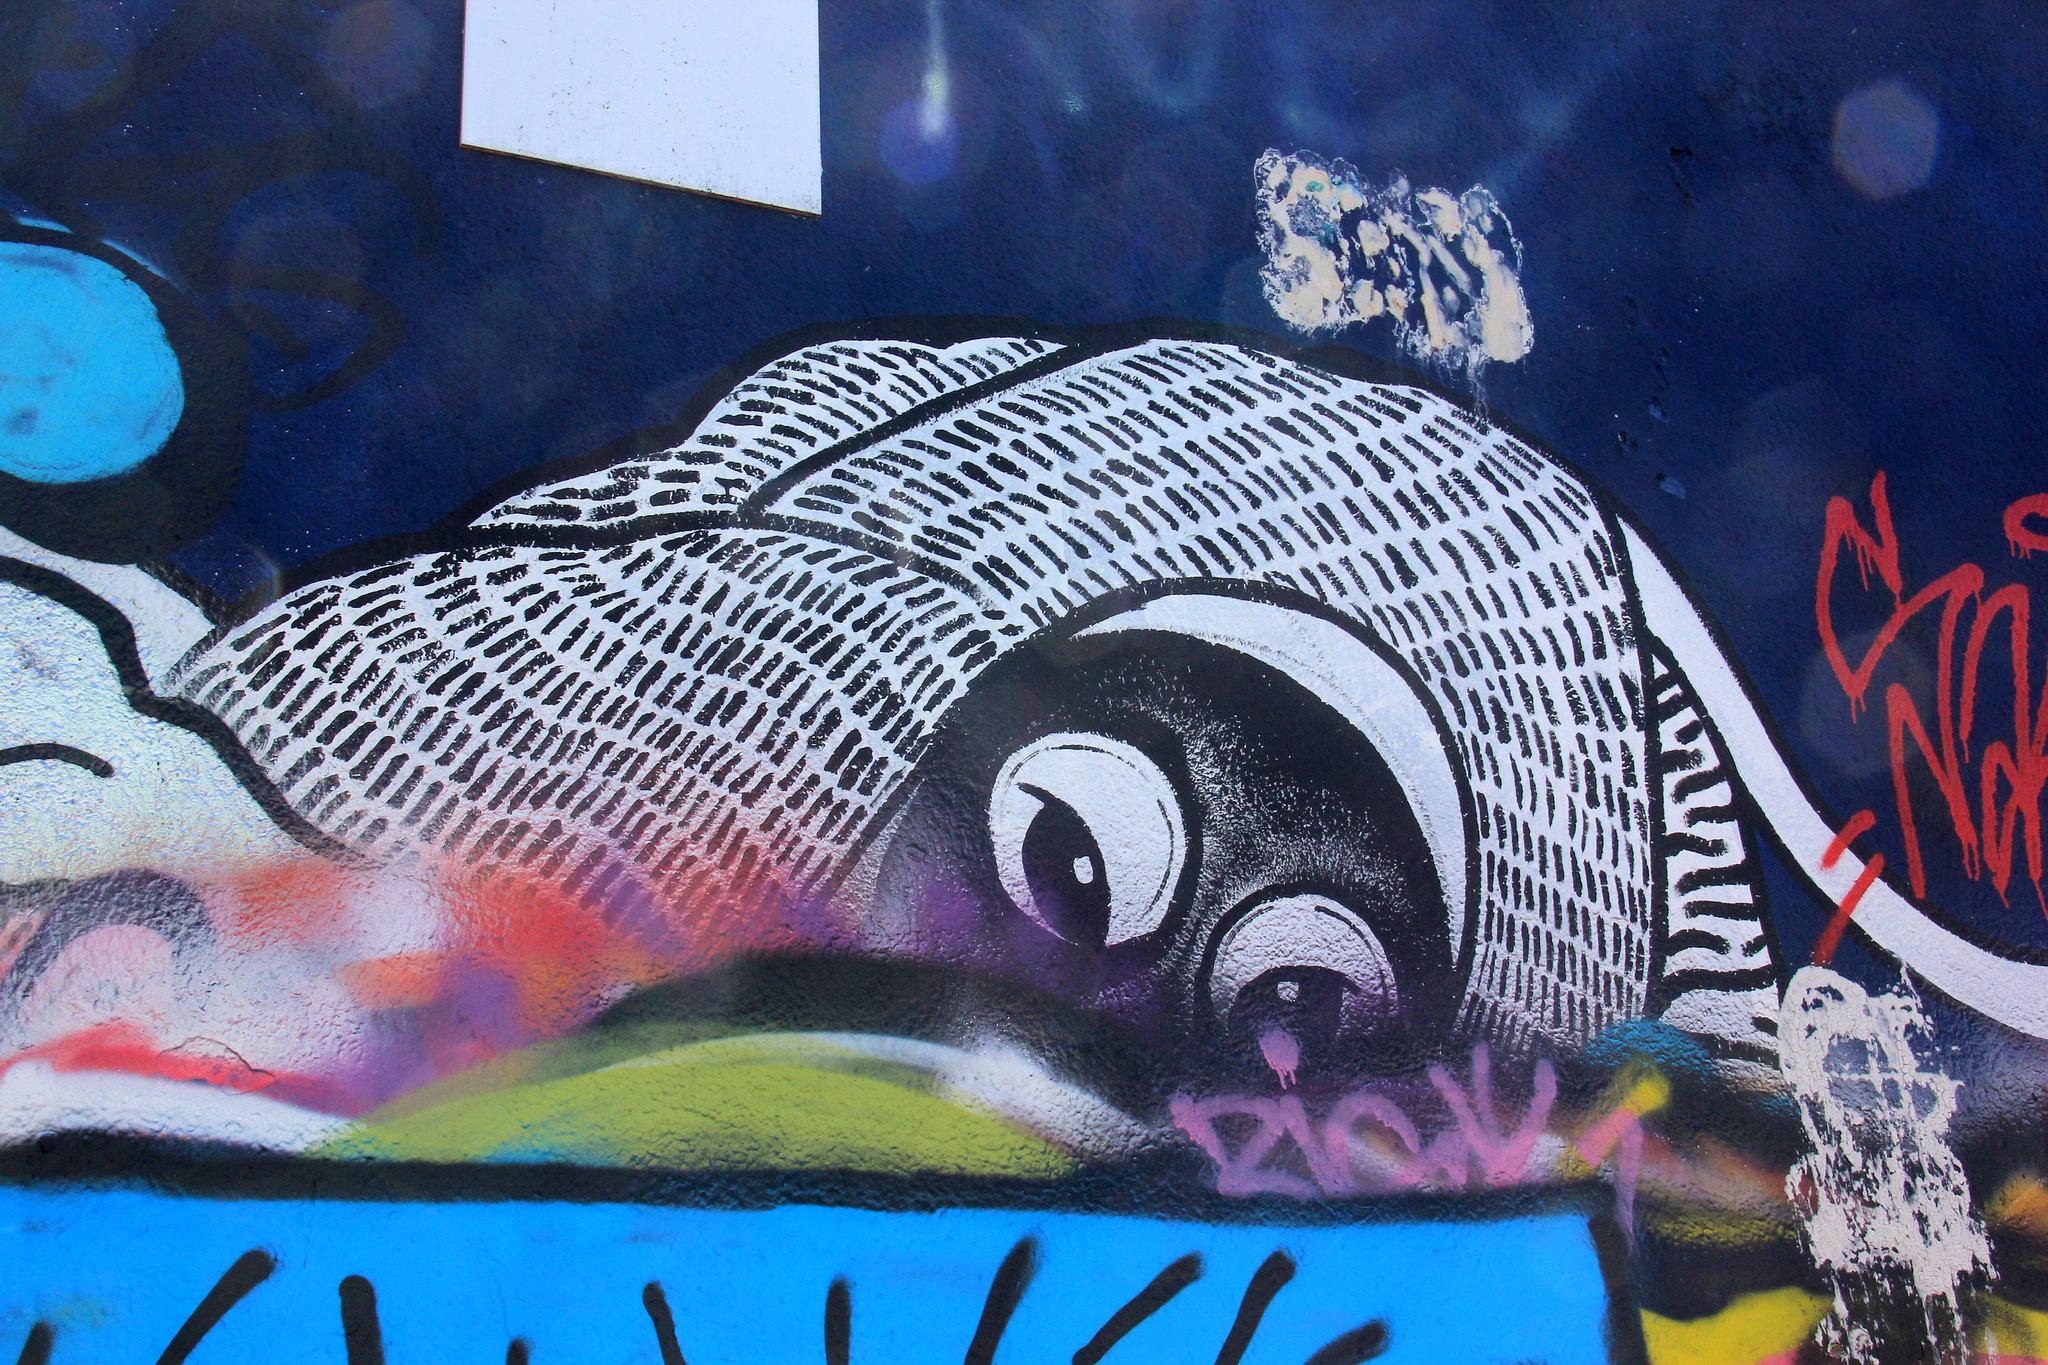 Ghent street art is organised